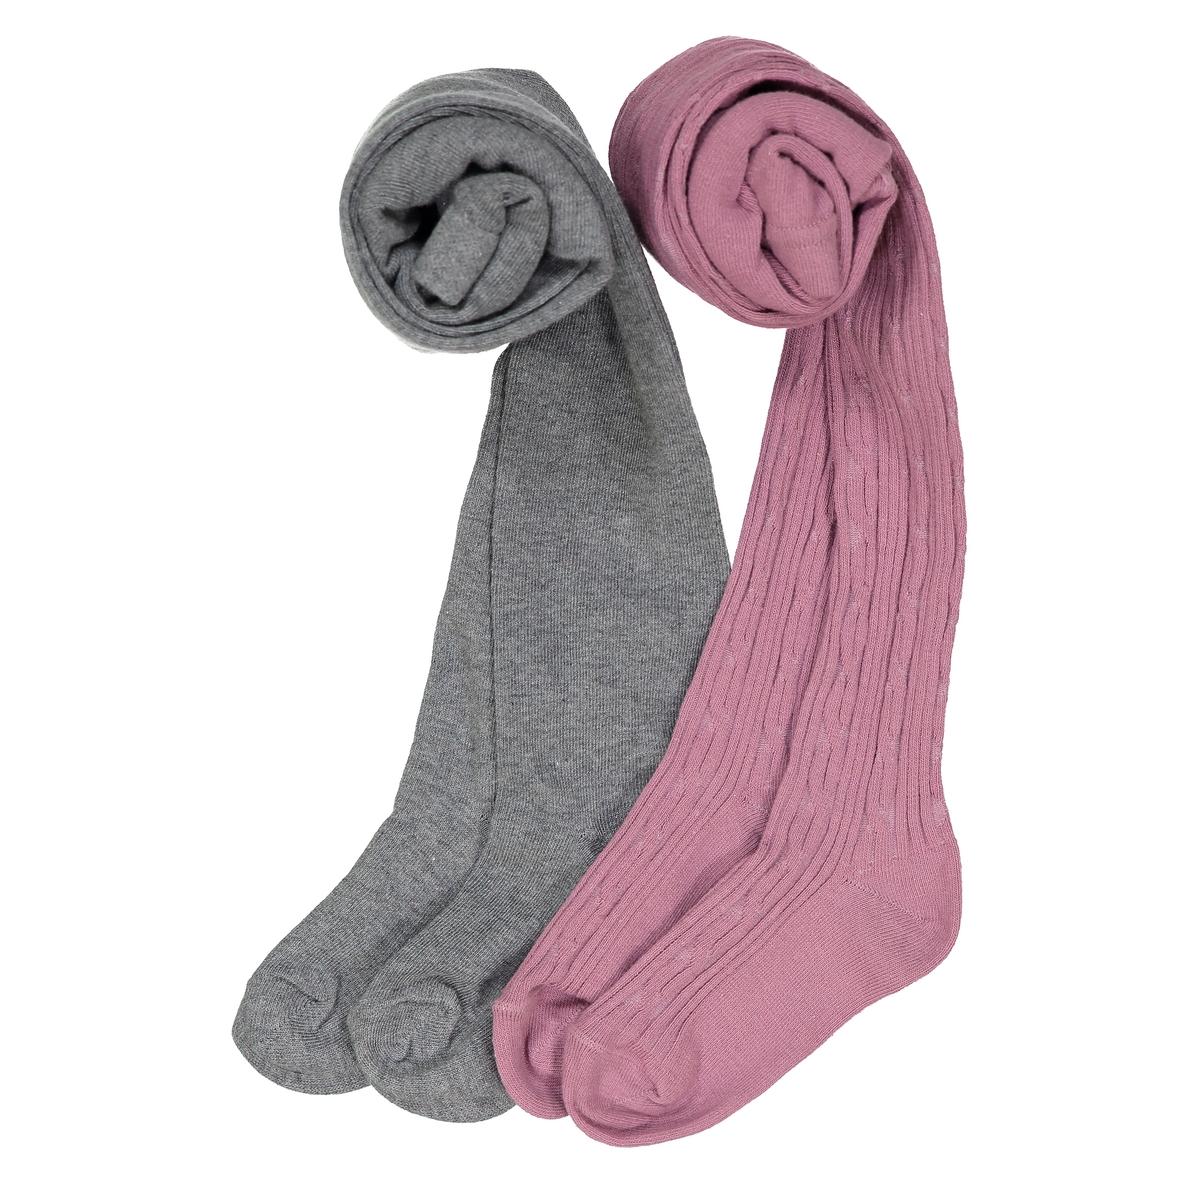 Комплект из 2 пар колготок: однотонные и оригинальные, размеры 23/26-35/38 комплект из 3 пар носков